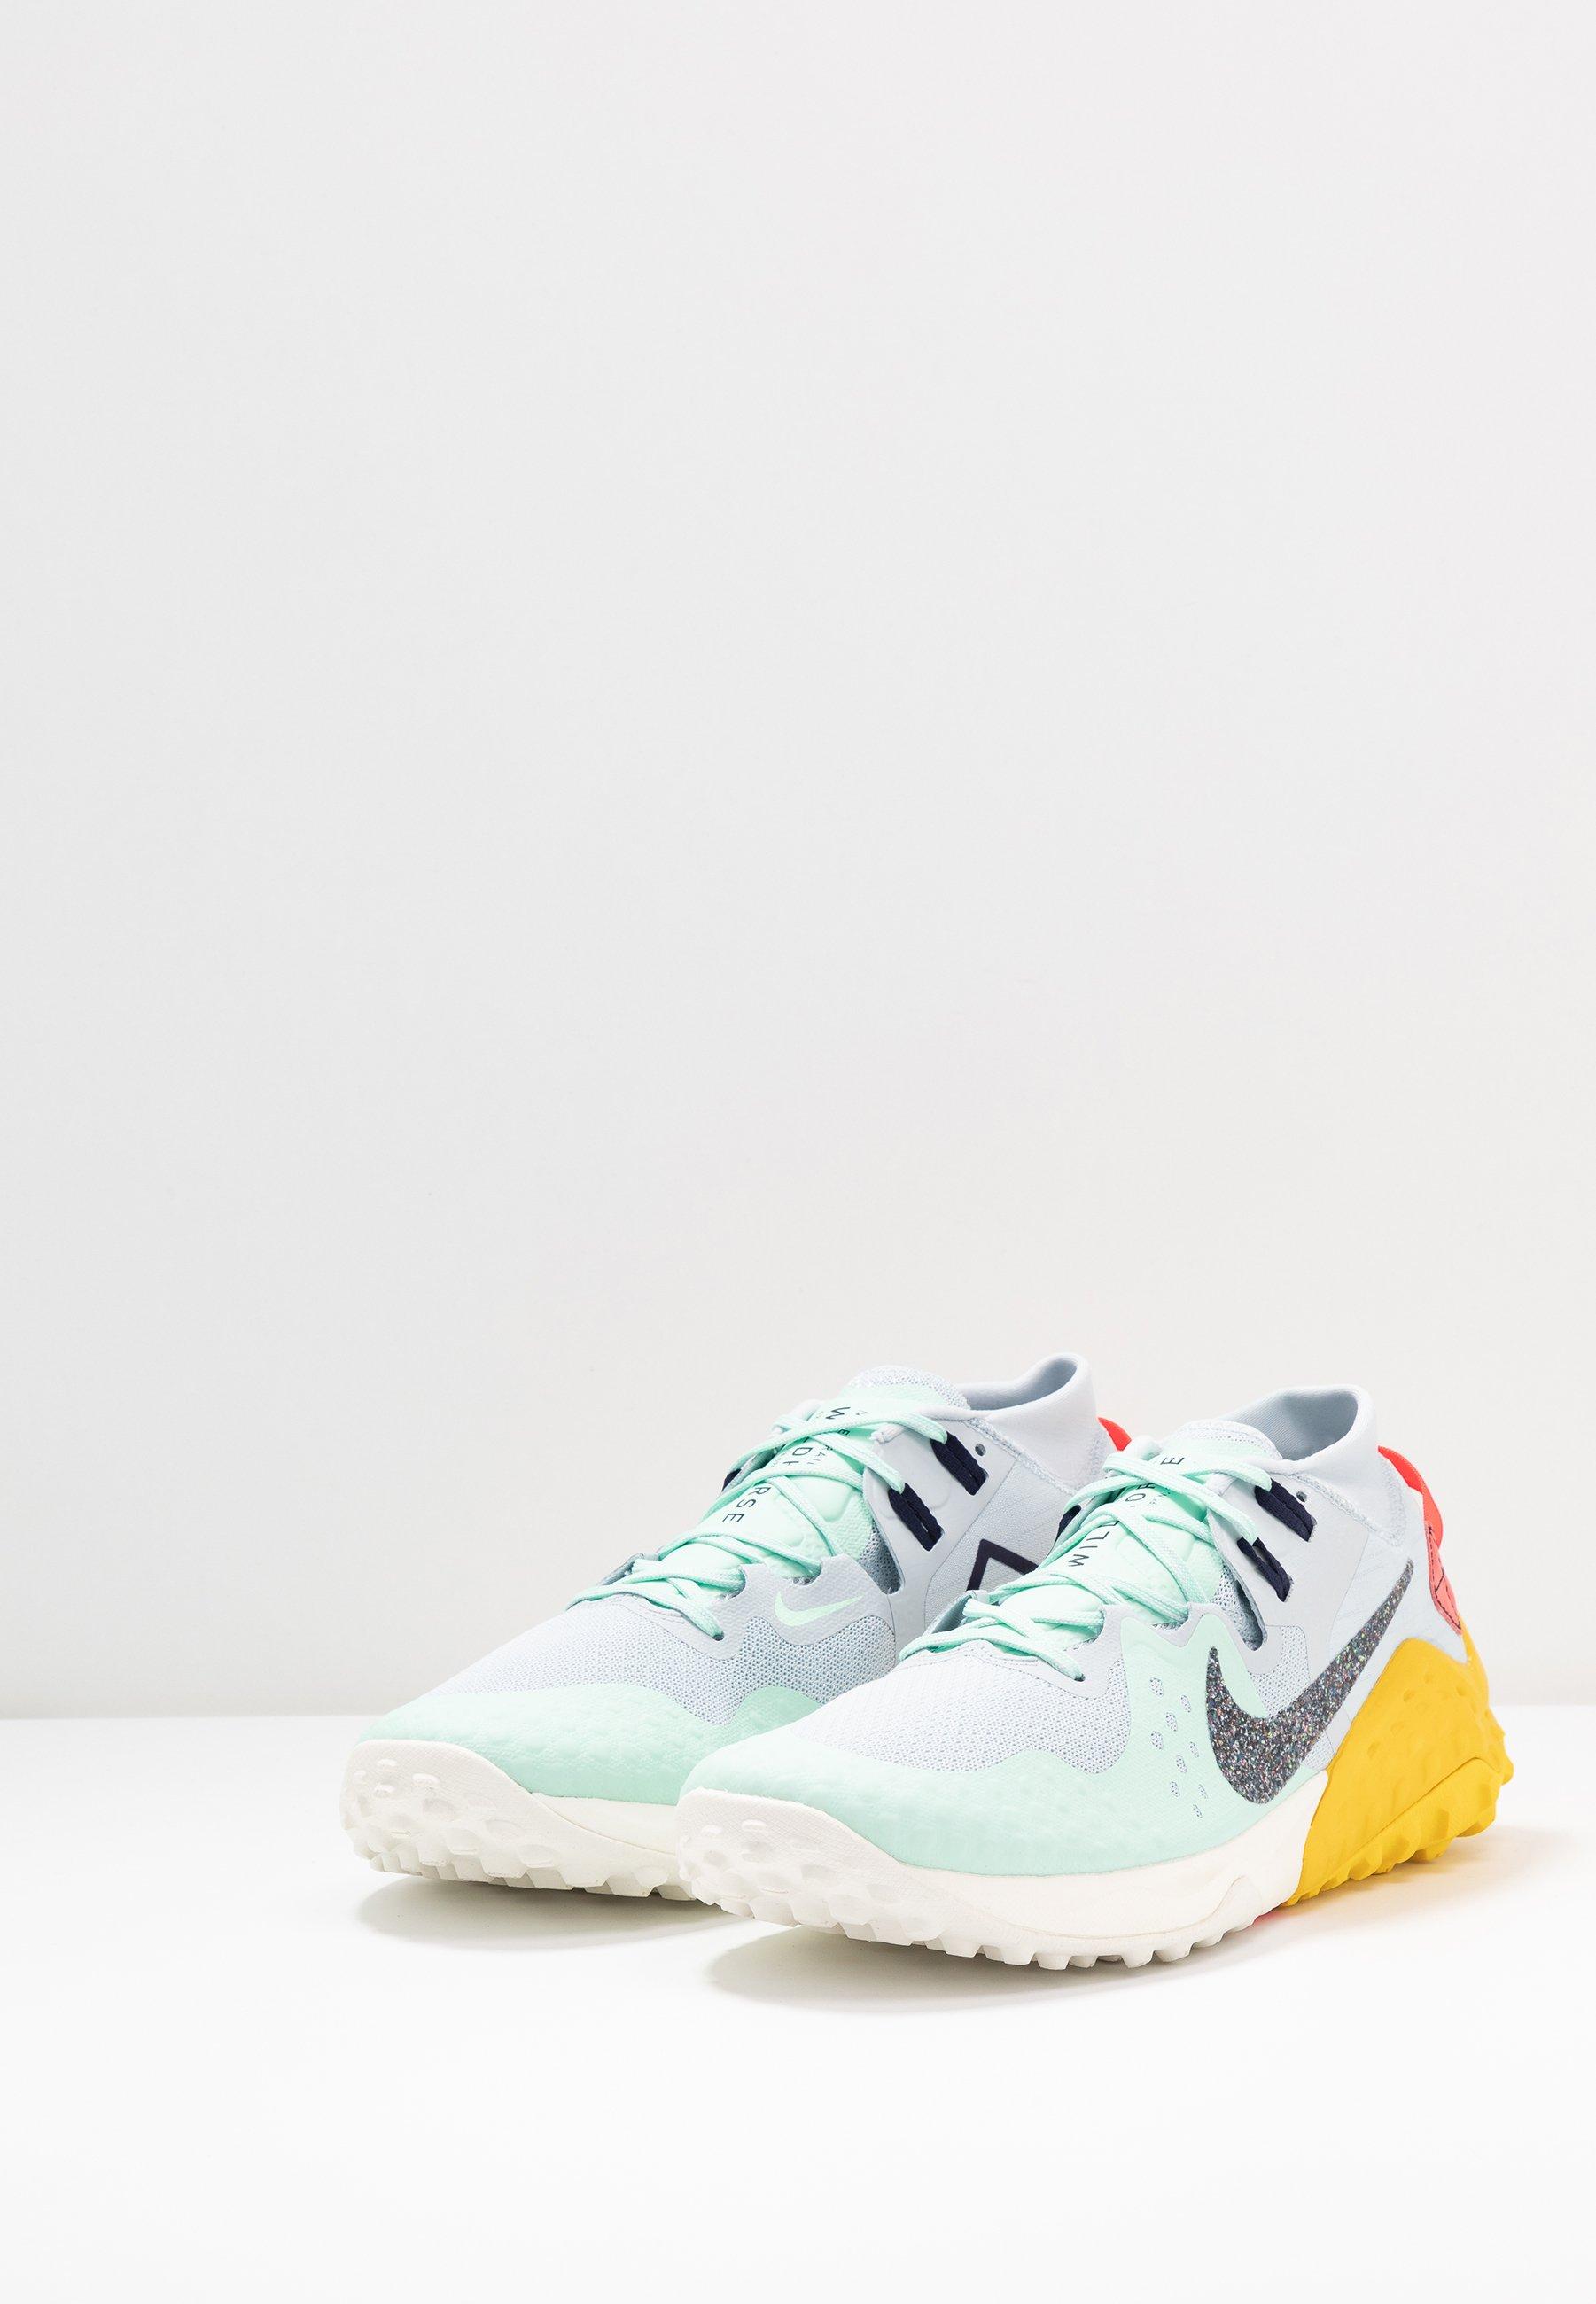 NIKE WILDHORSE 6 TRAIL LAUFSCHUH FÜR HERREN Chaussures de running aurablackened bluemint foamspeed yellowlaser crimsonsail